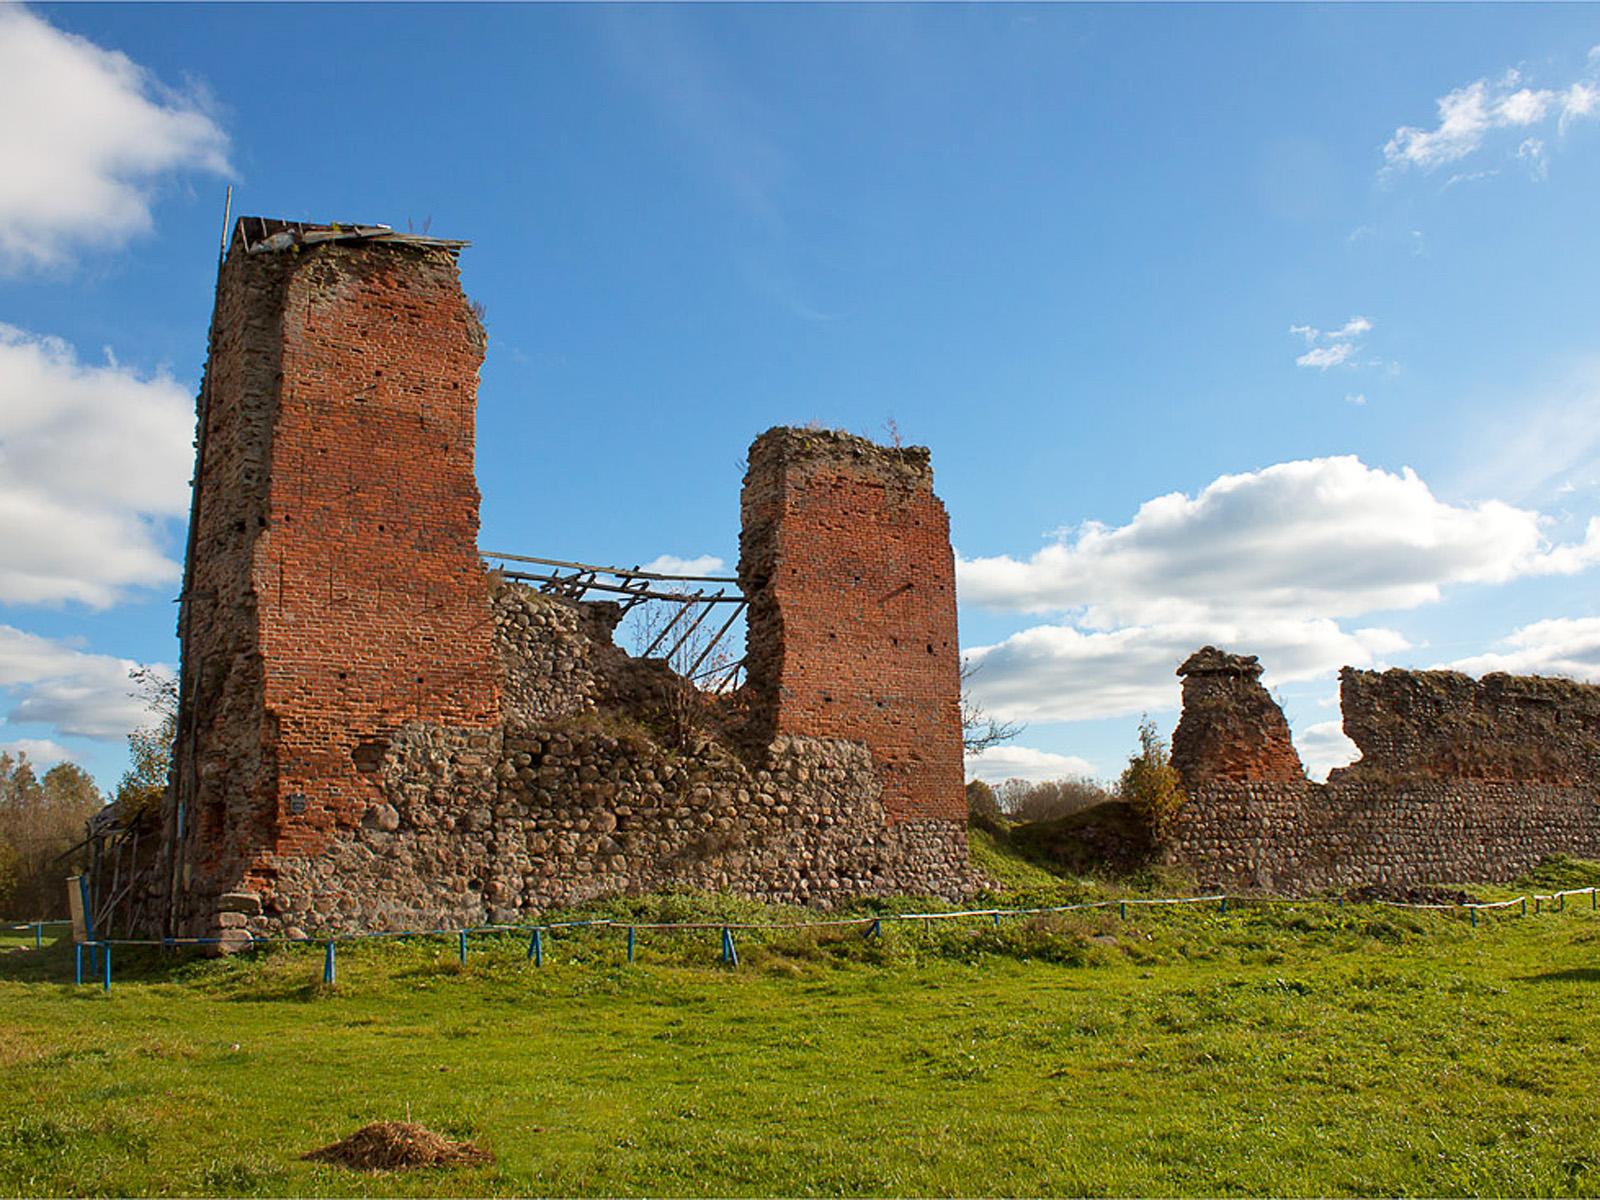 Достопримечательности Беларуси: Кревский замок